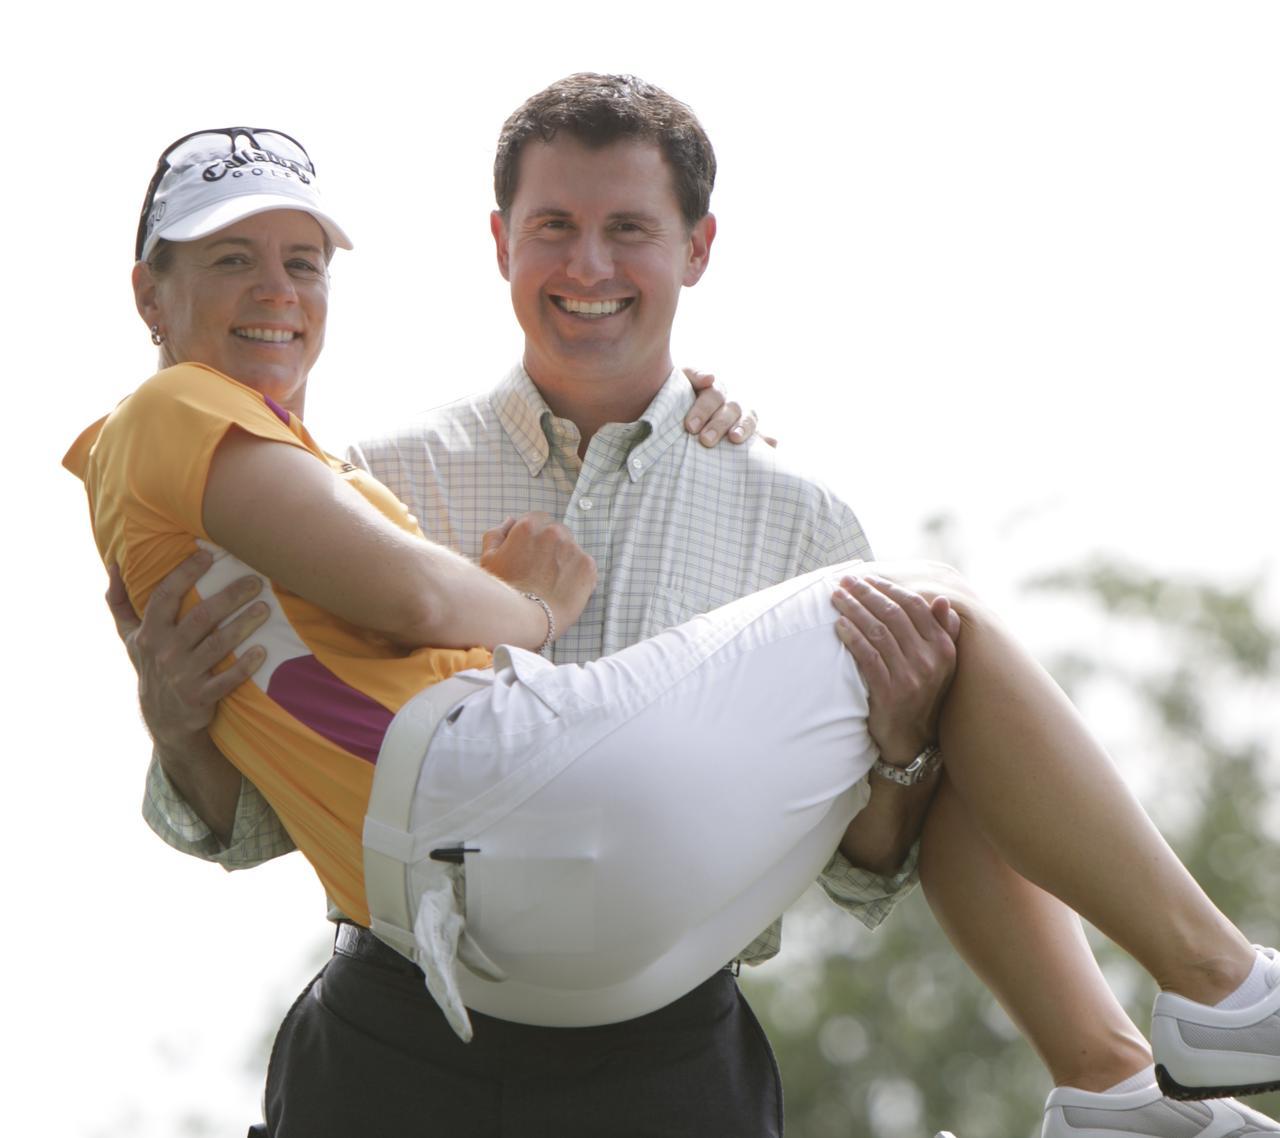 """画像: アニカ・ソレンスタムは夫に出会ってから試合中にミスをしても「これで人生が終わるわけじゃない。私には彼がいる」と思えるようになったという。心が和む""""よりどころ""""を持つことがゴルフにもプラスに働く"""